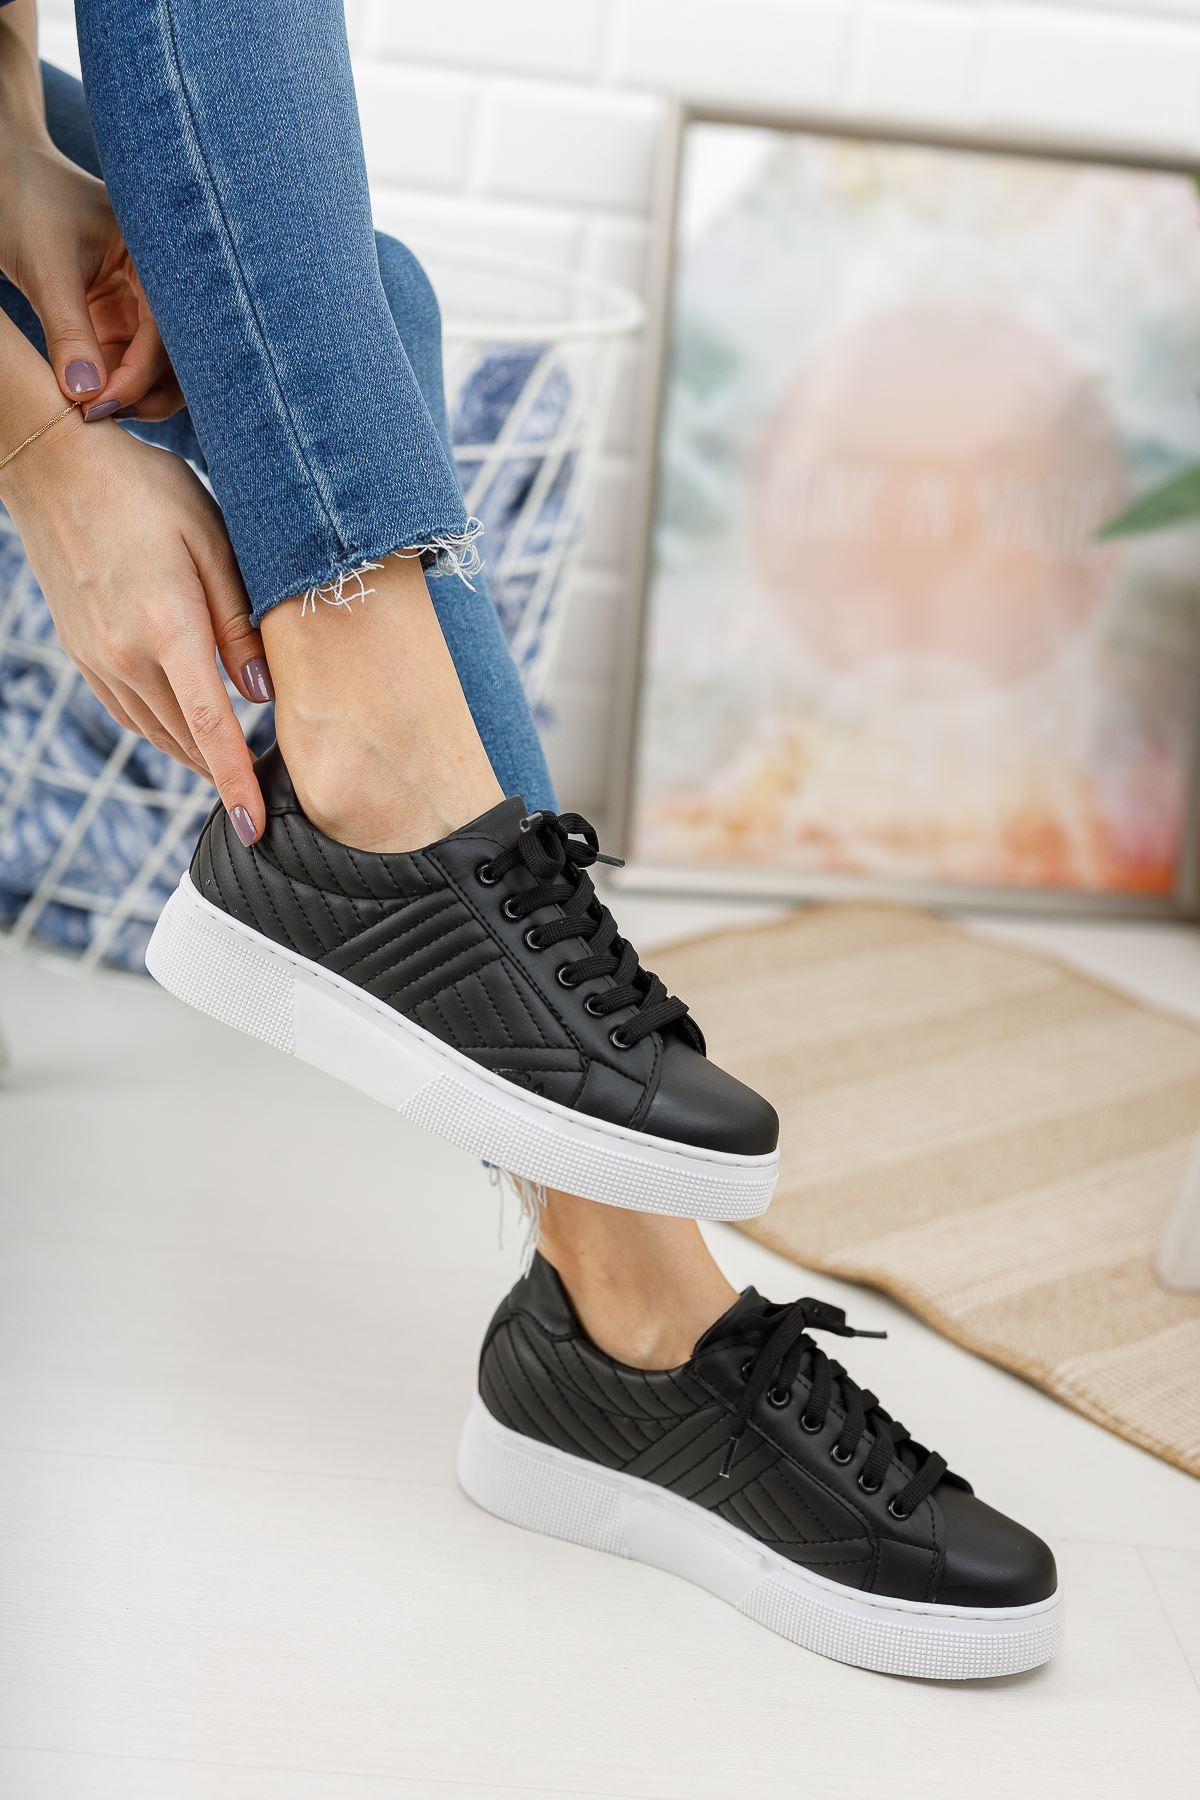 Marita Kapitoneli Bağcıklı Siyah - Beyaz Taban Spor Ayakkabı